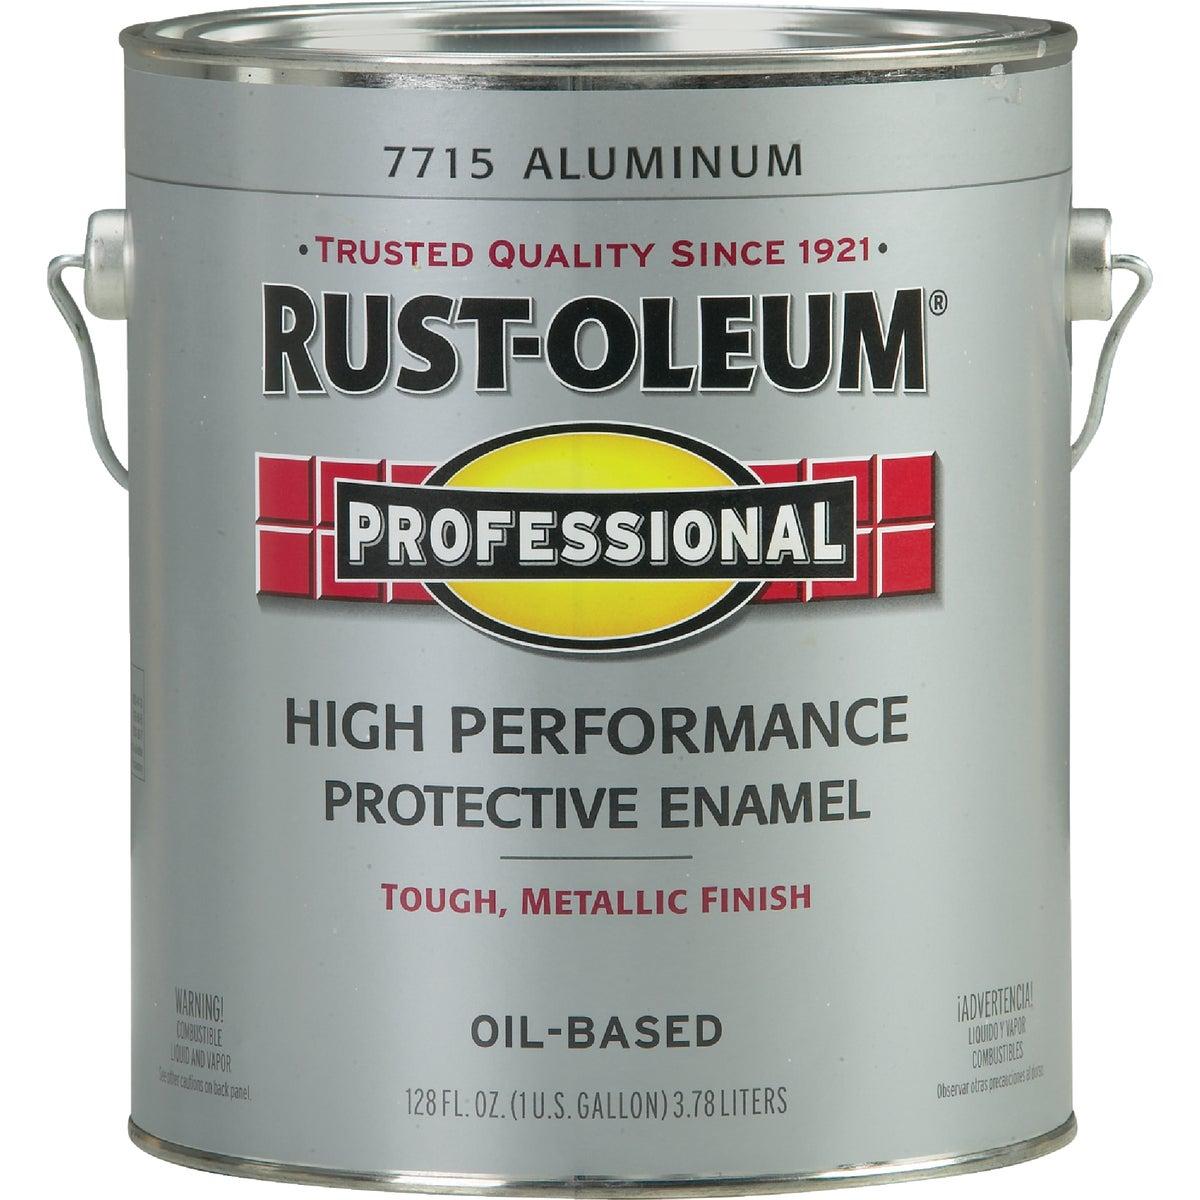 Rust Oleum ALUMINUM ENAMEL 7715-402